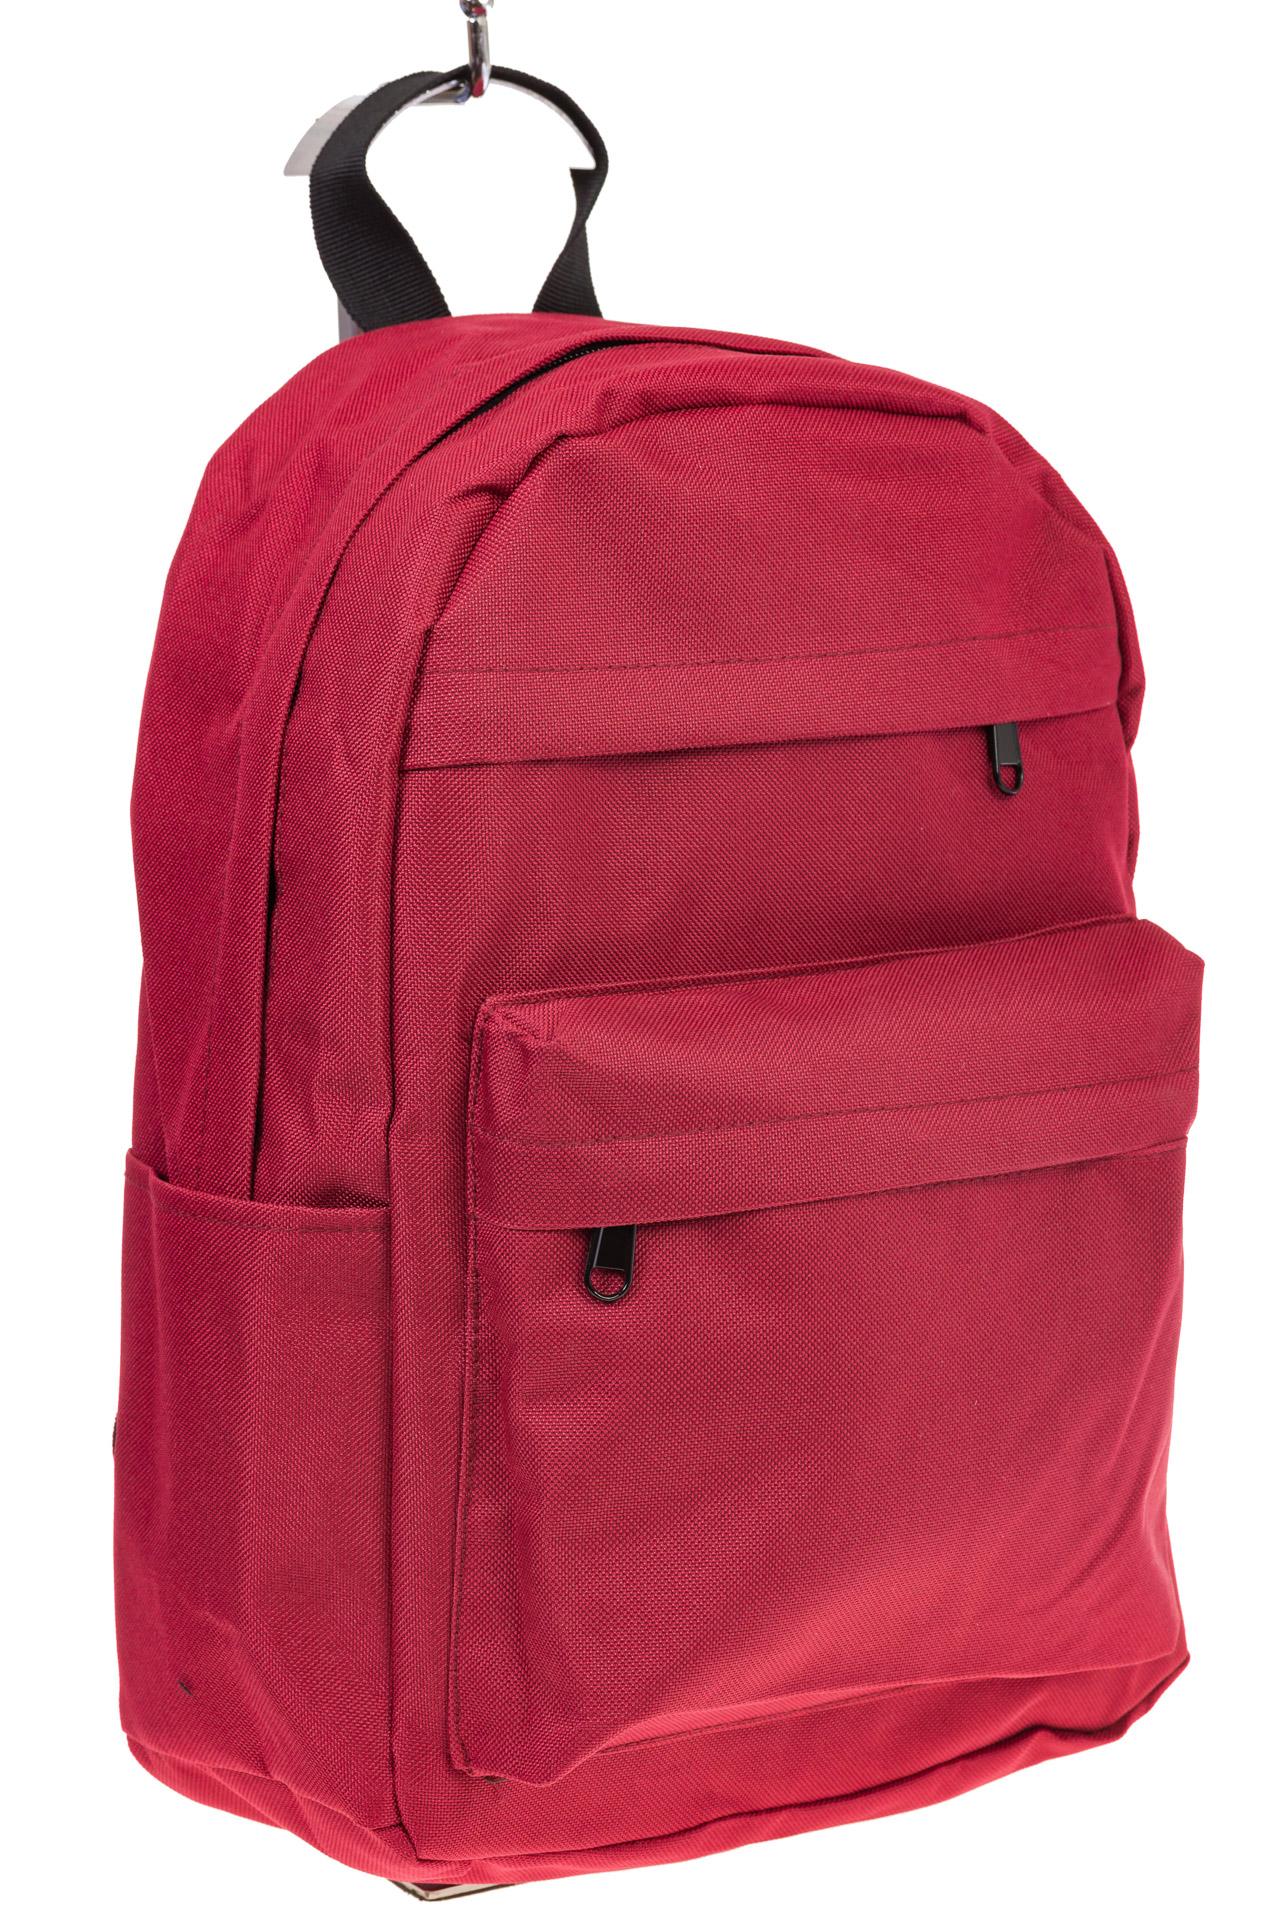 На фото простой рюкзак, цвет – красный, материал – текстиль, купить оптом в магазине Грета